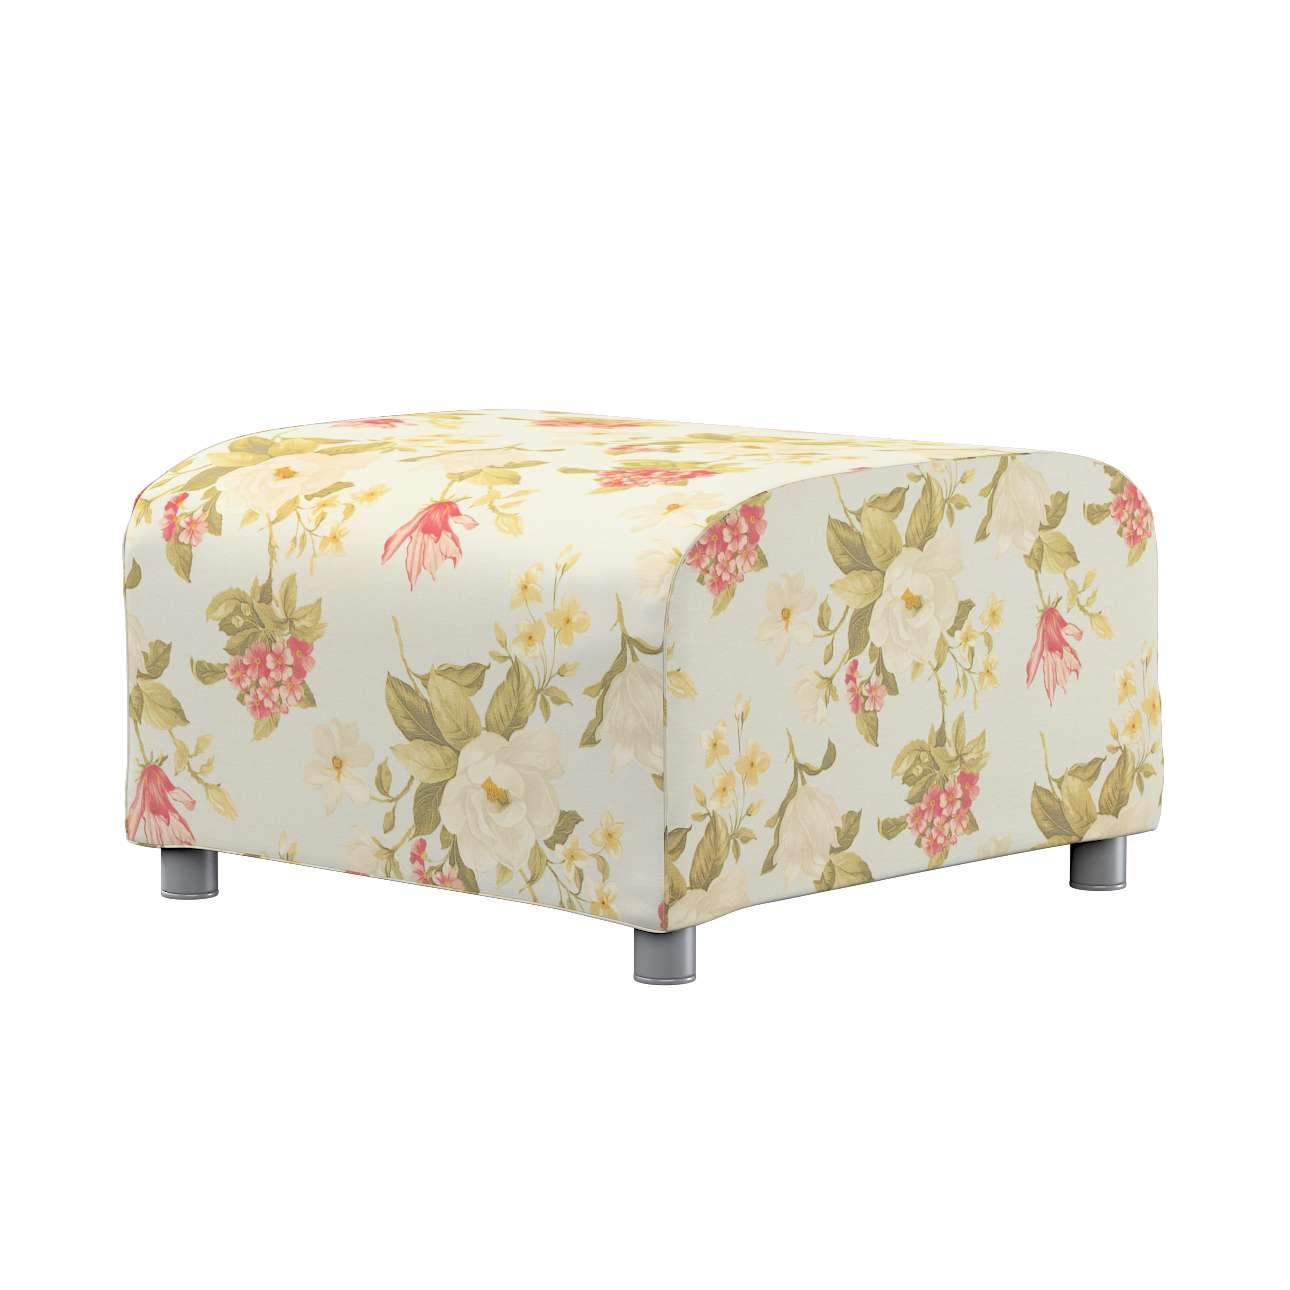 KLIPPAN pufo užvalkalas Klippan footstool cover kolekcijoje Londres, audinys: 123-65